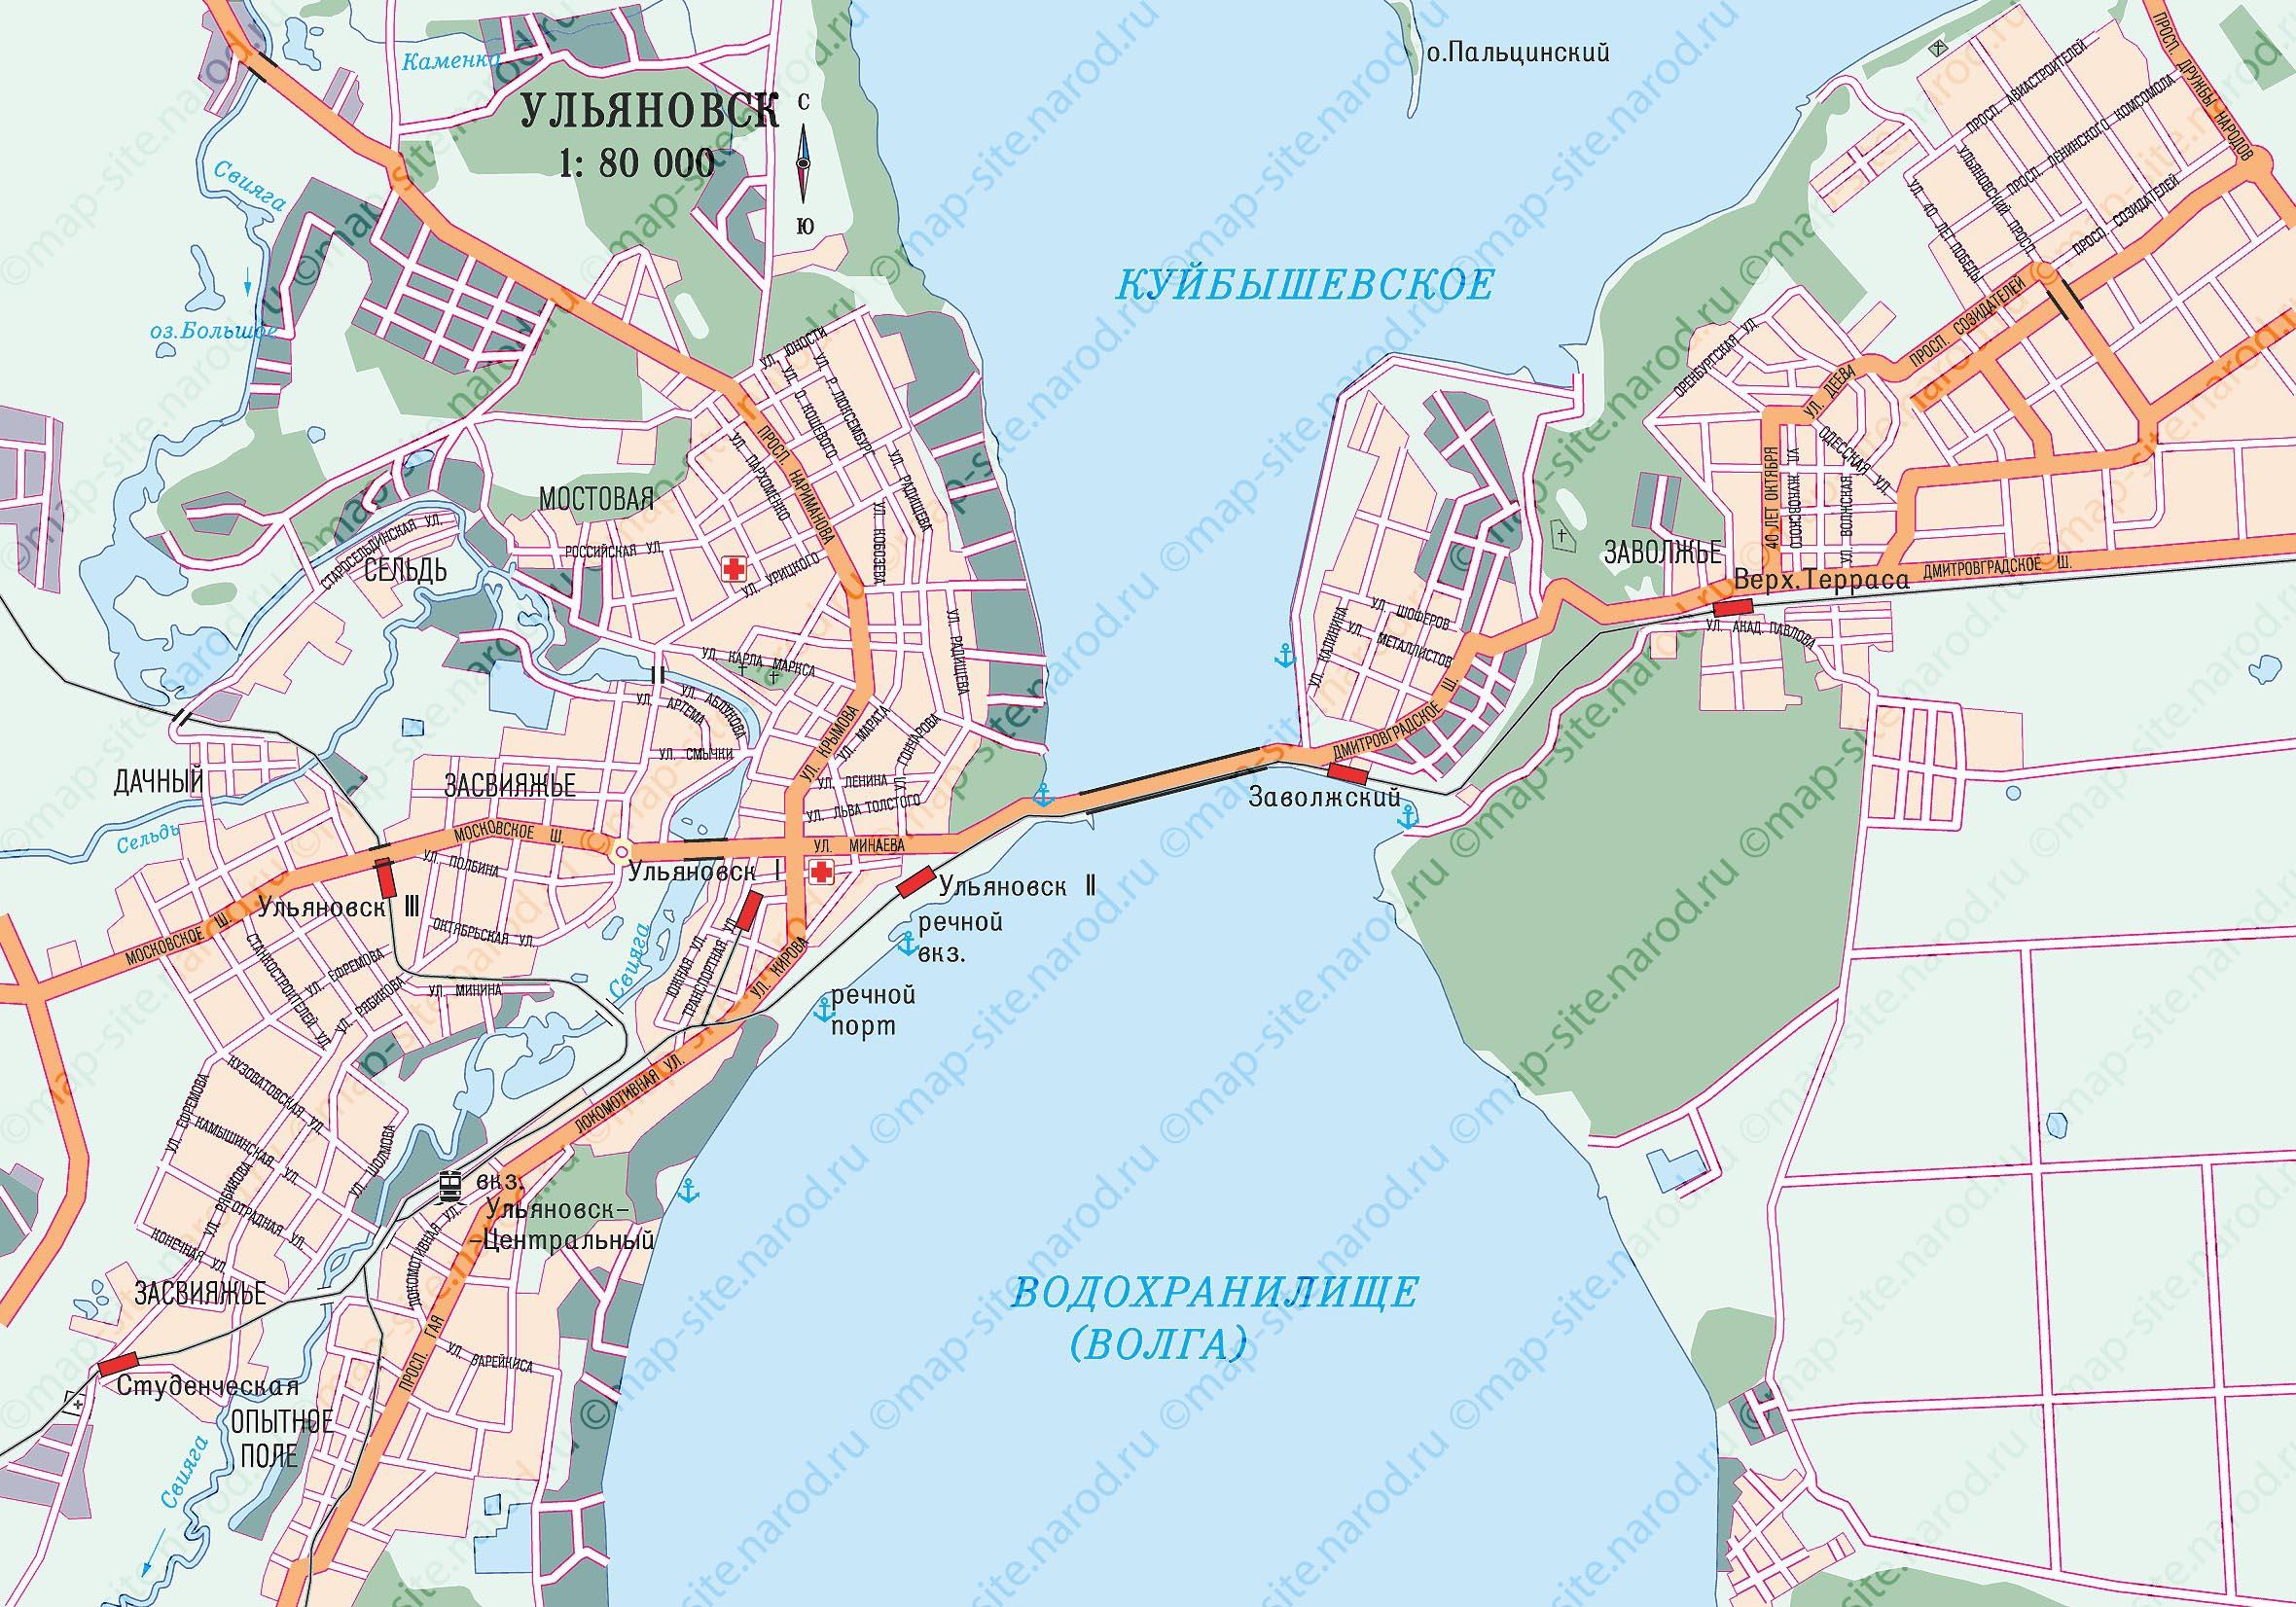 Map of Ulyanovsk